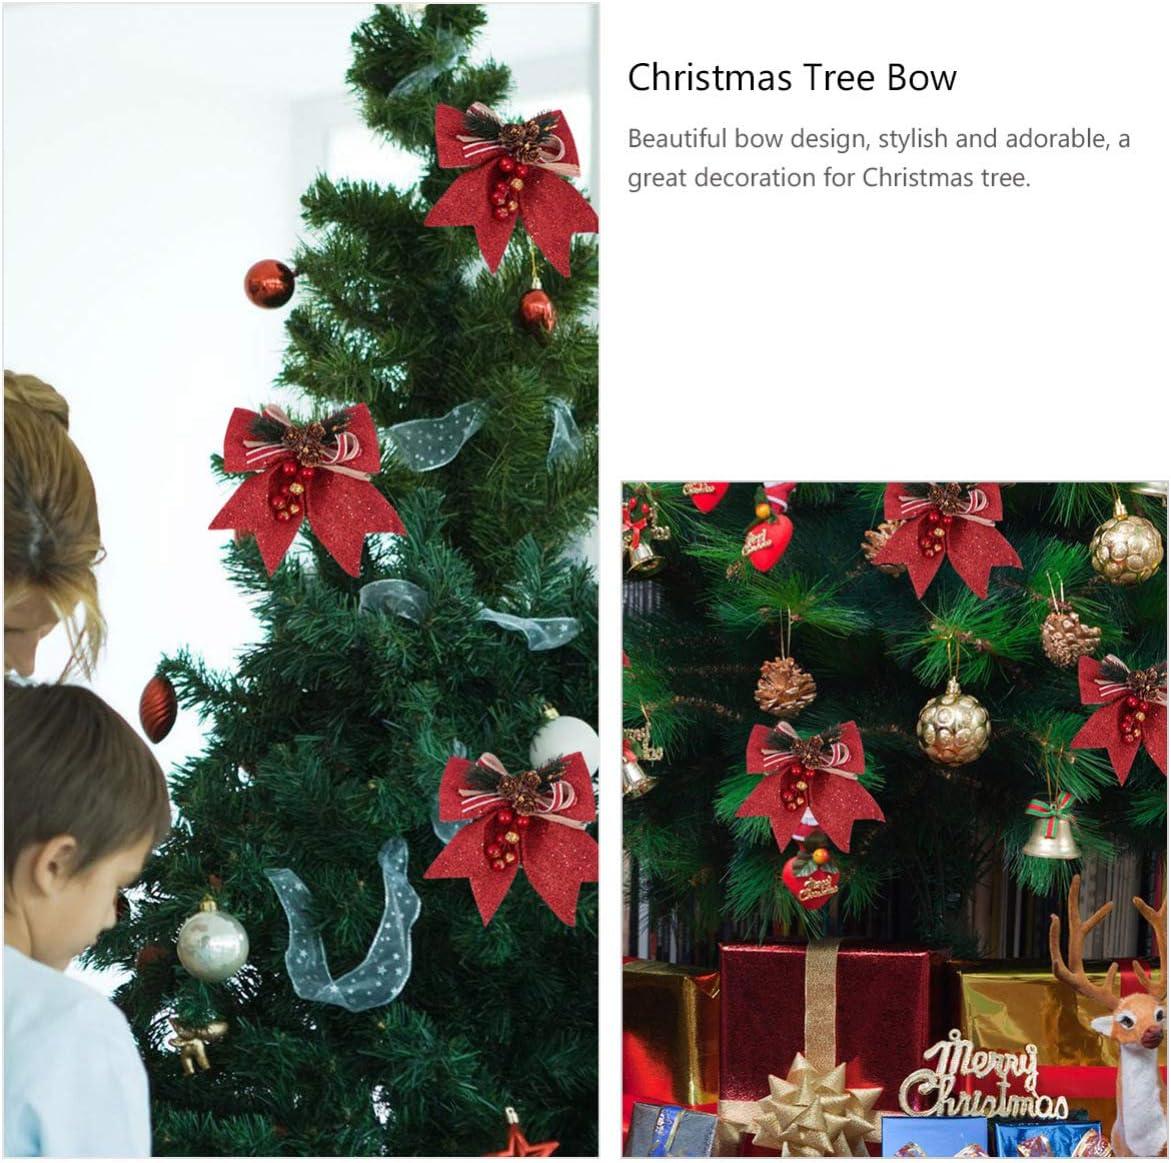 4 unidades dise/ño de lazo con purpurina HEALLILY Arco decorativo para decoraci/ón navide/ña